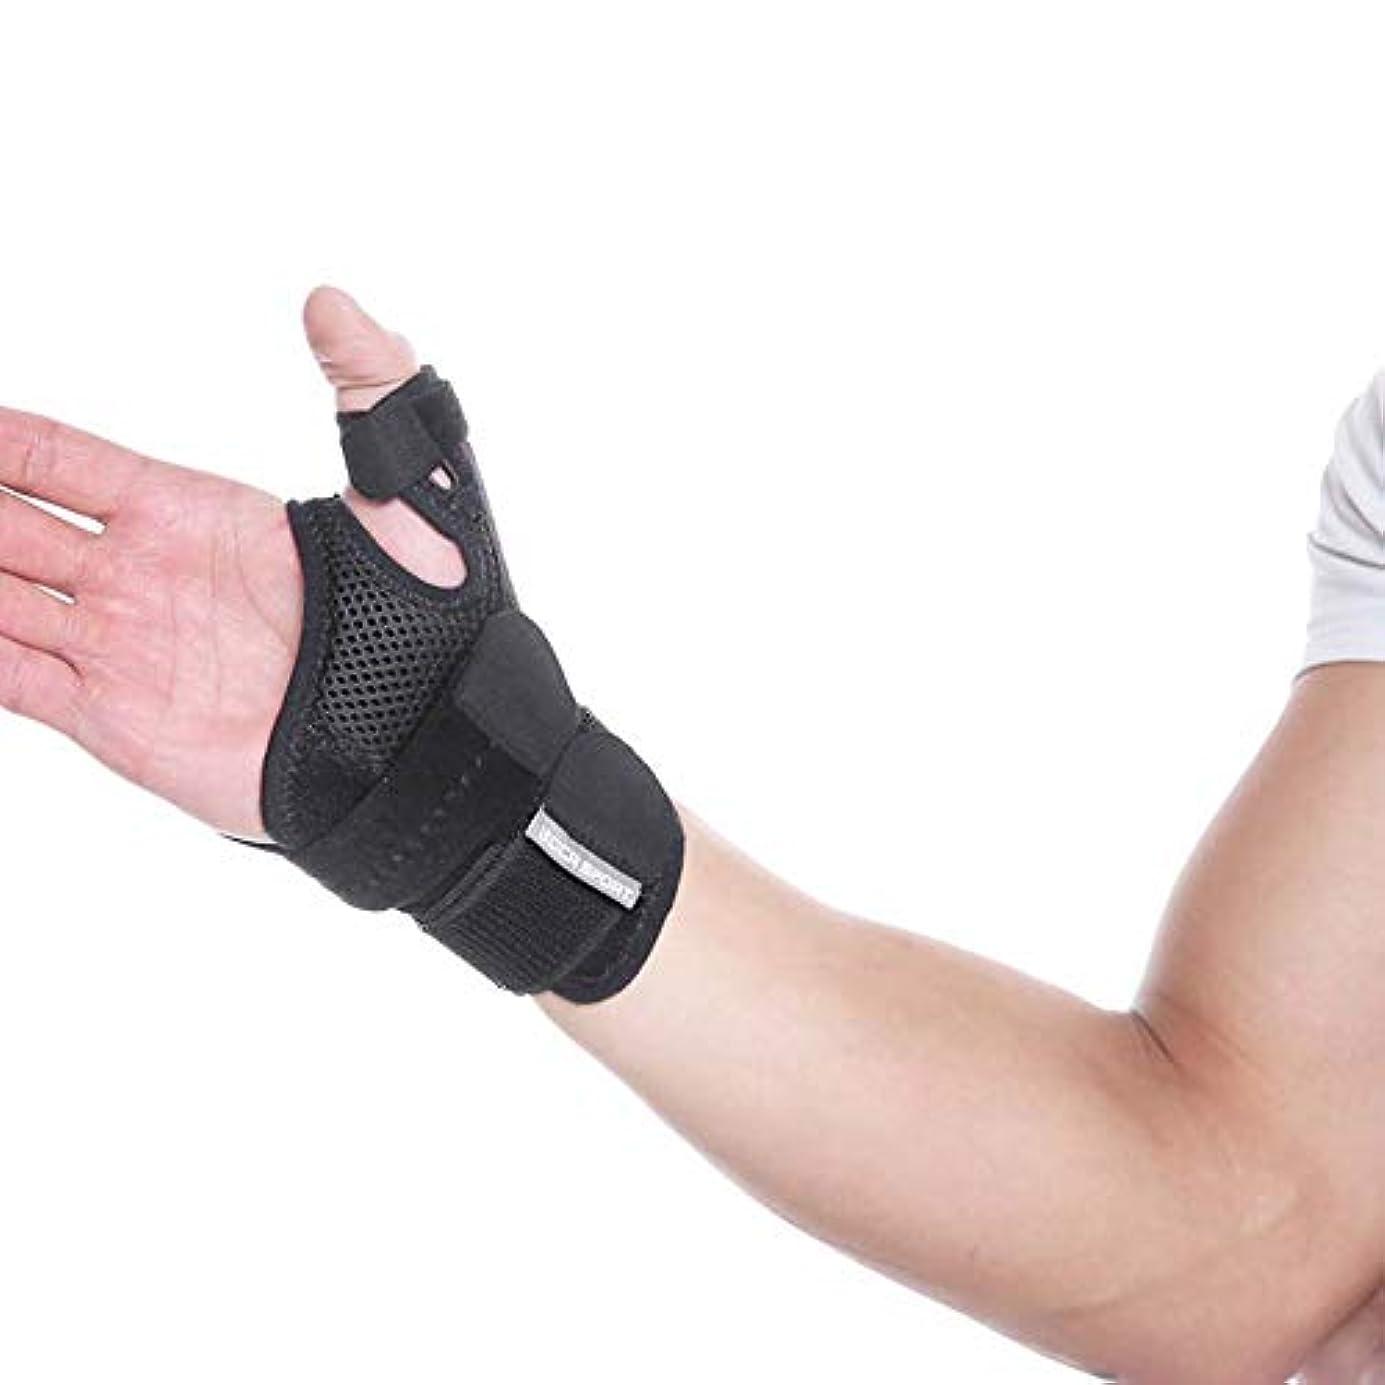 不屈毒液タンパク質関節炎サムスプリント - 痛み、捻挫、株、関節炎、手根管&トリガー親指固定用親指スピカサポートブレース - リストストラップ